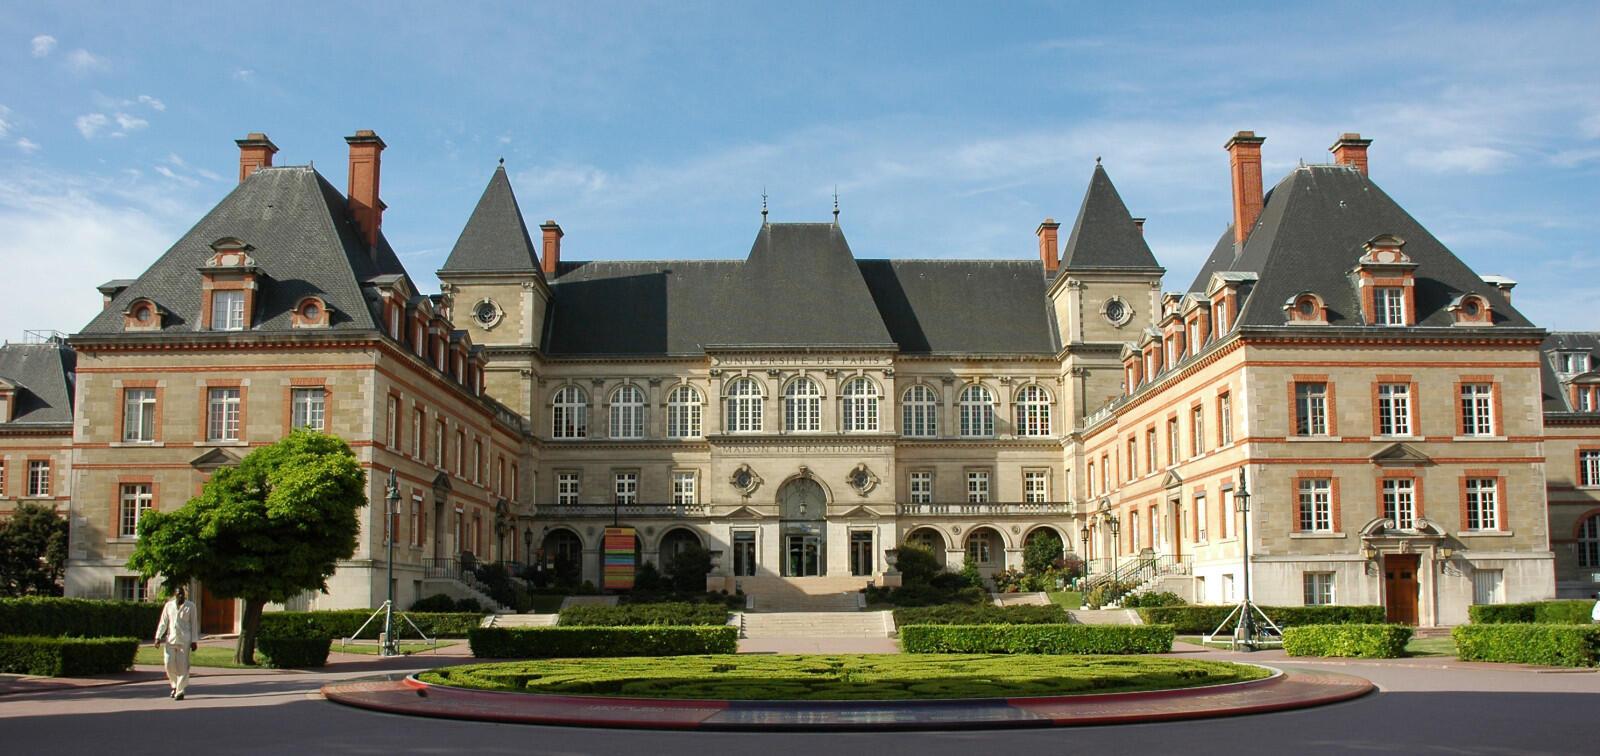 巴黎國際大學城(La Cité internationale universitaire de Paris)